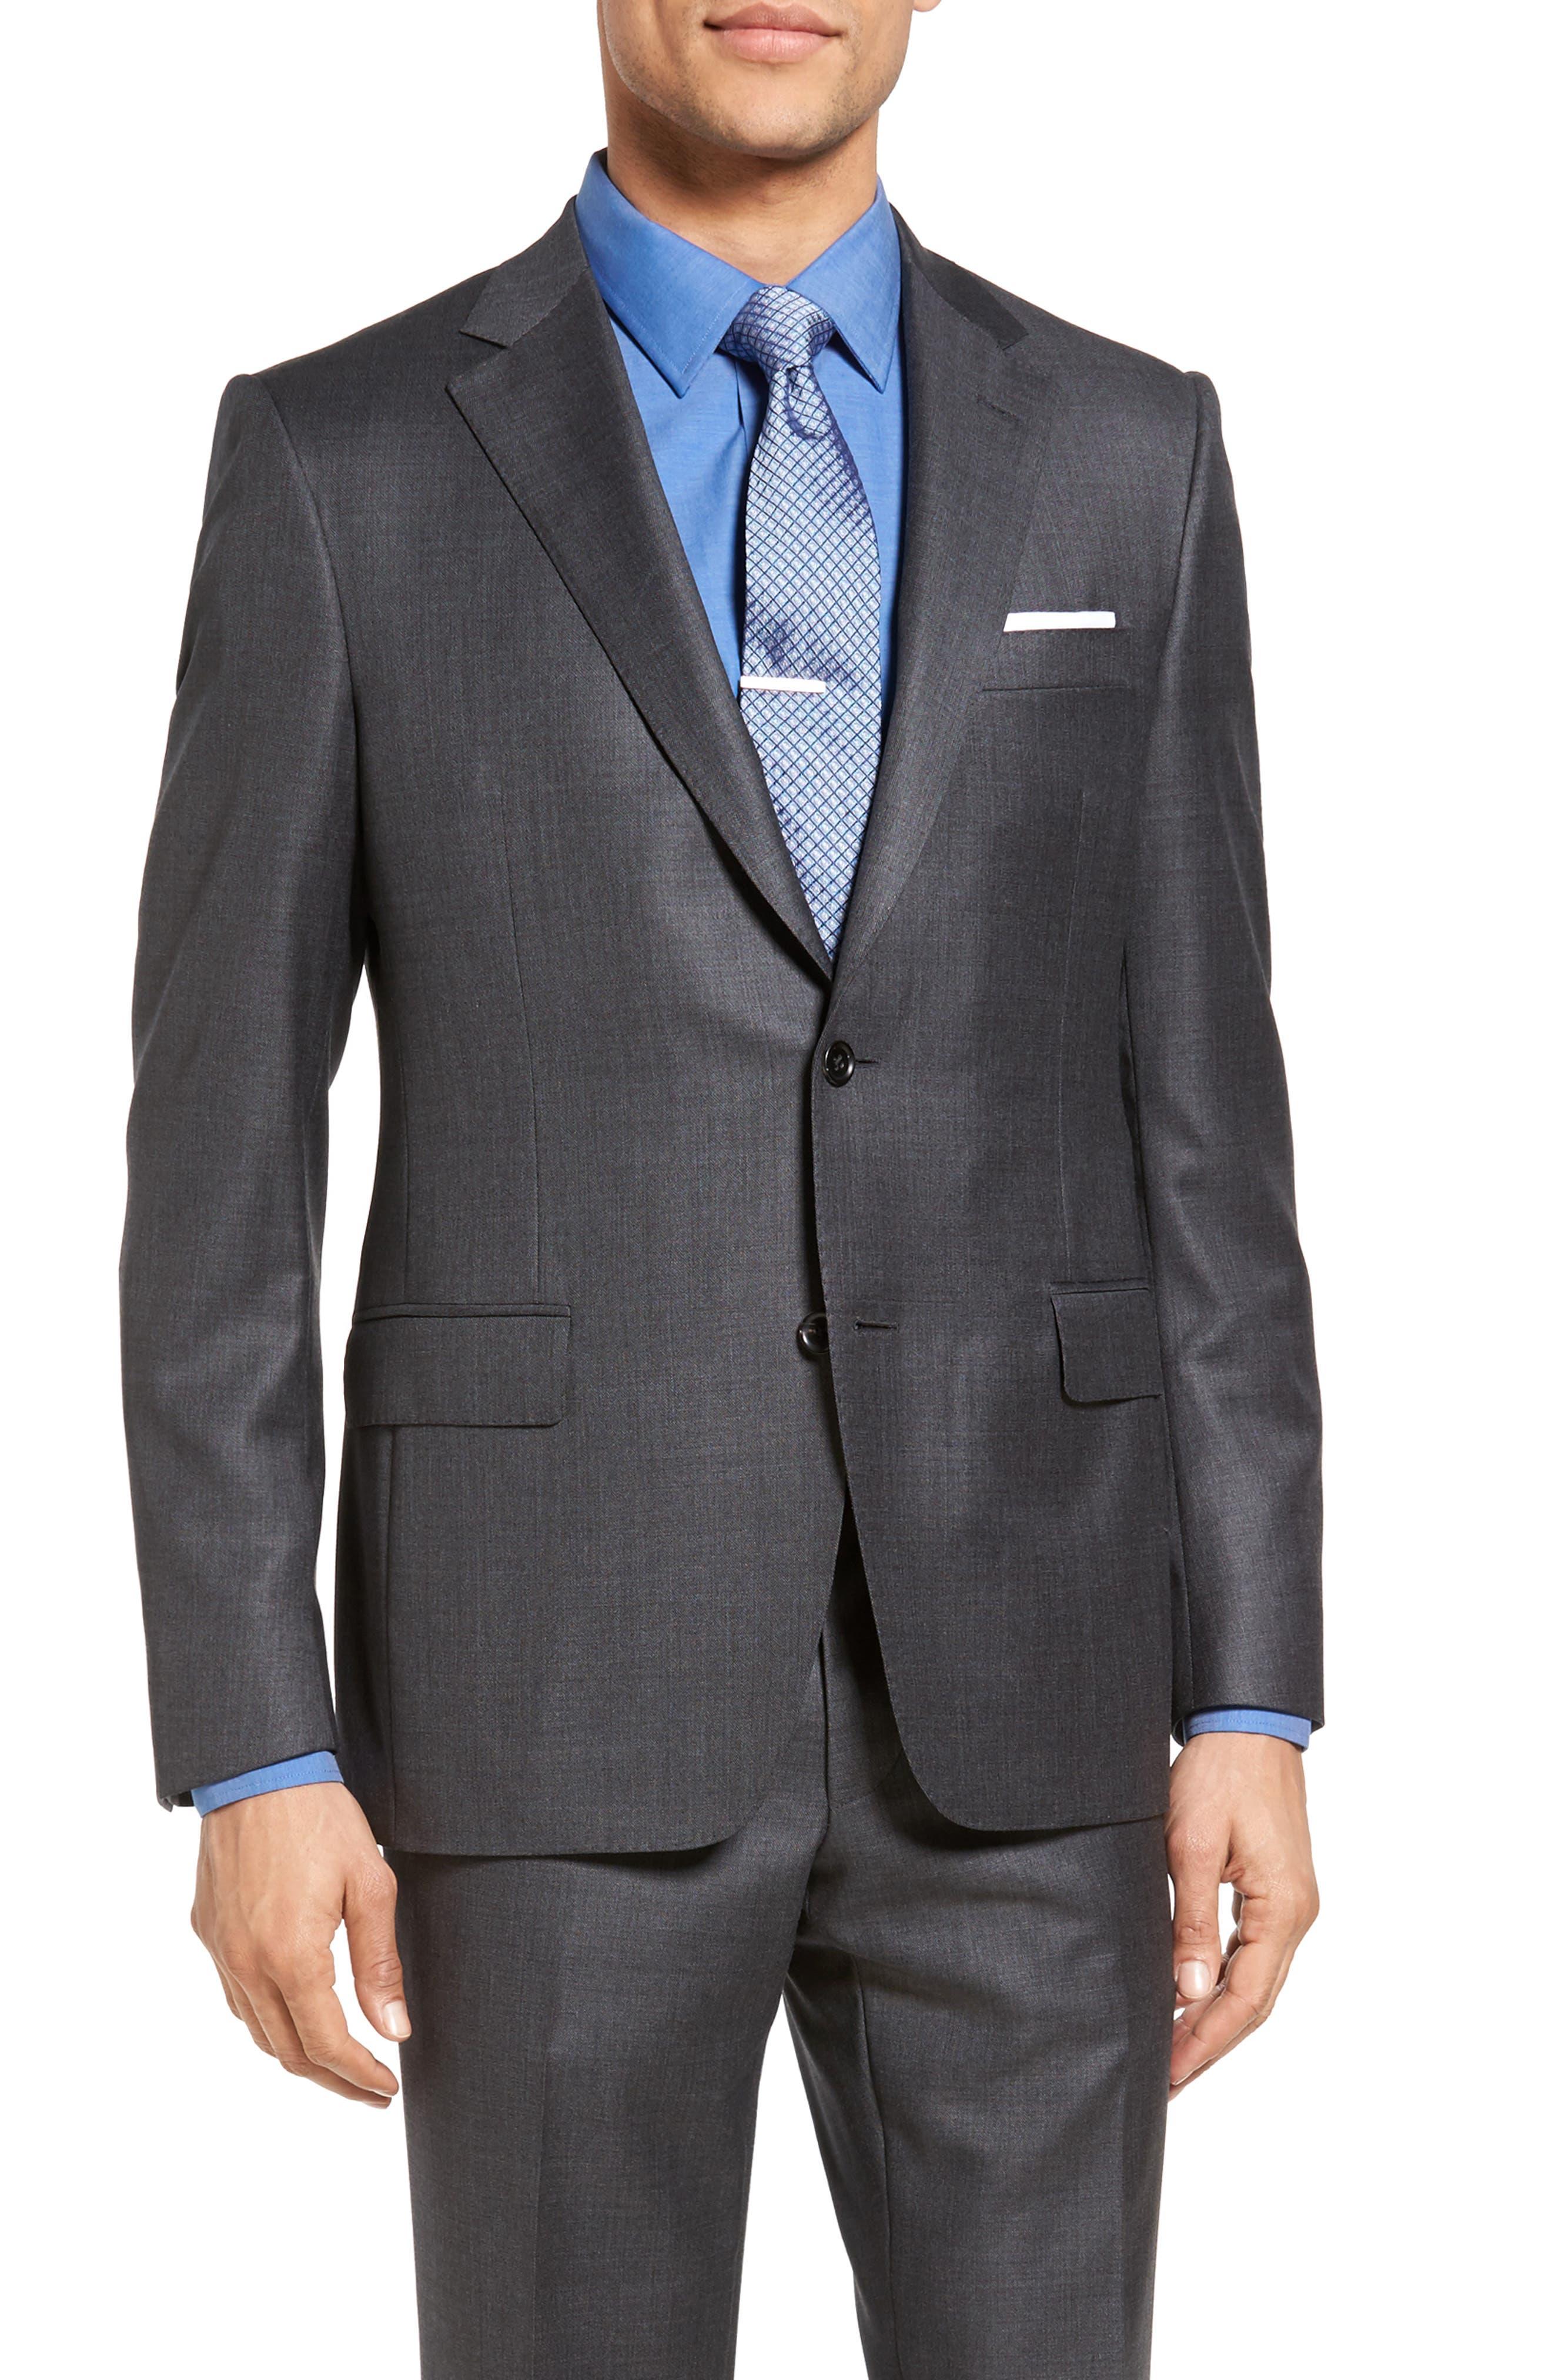 SAMUELSOHN,                             Beckett Classic Fit Sharkskin Wool Suit,                             Main thumbnail 1, color,                             020